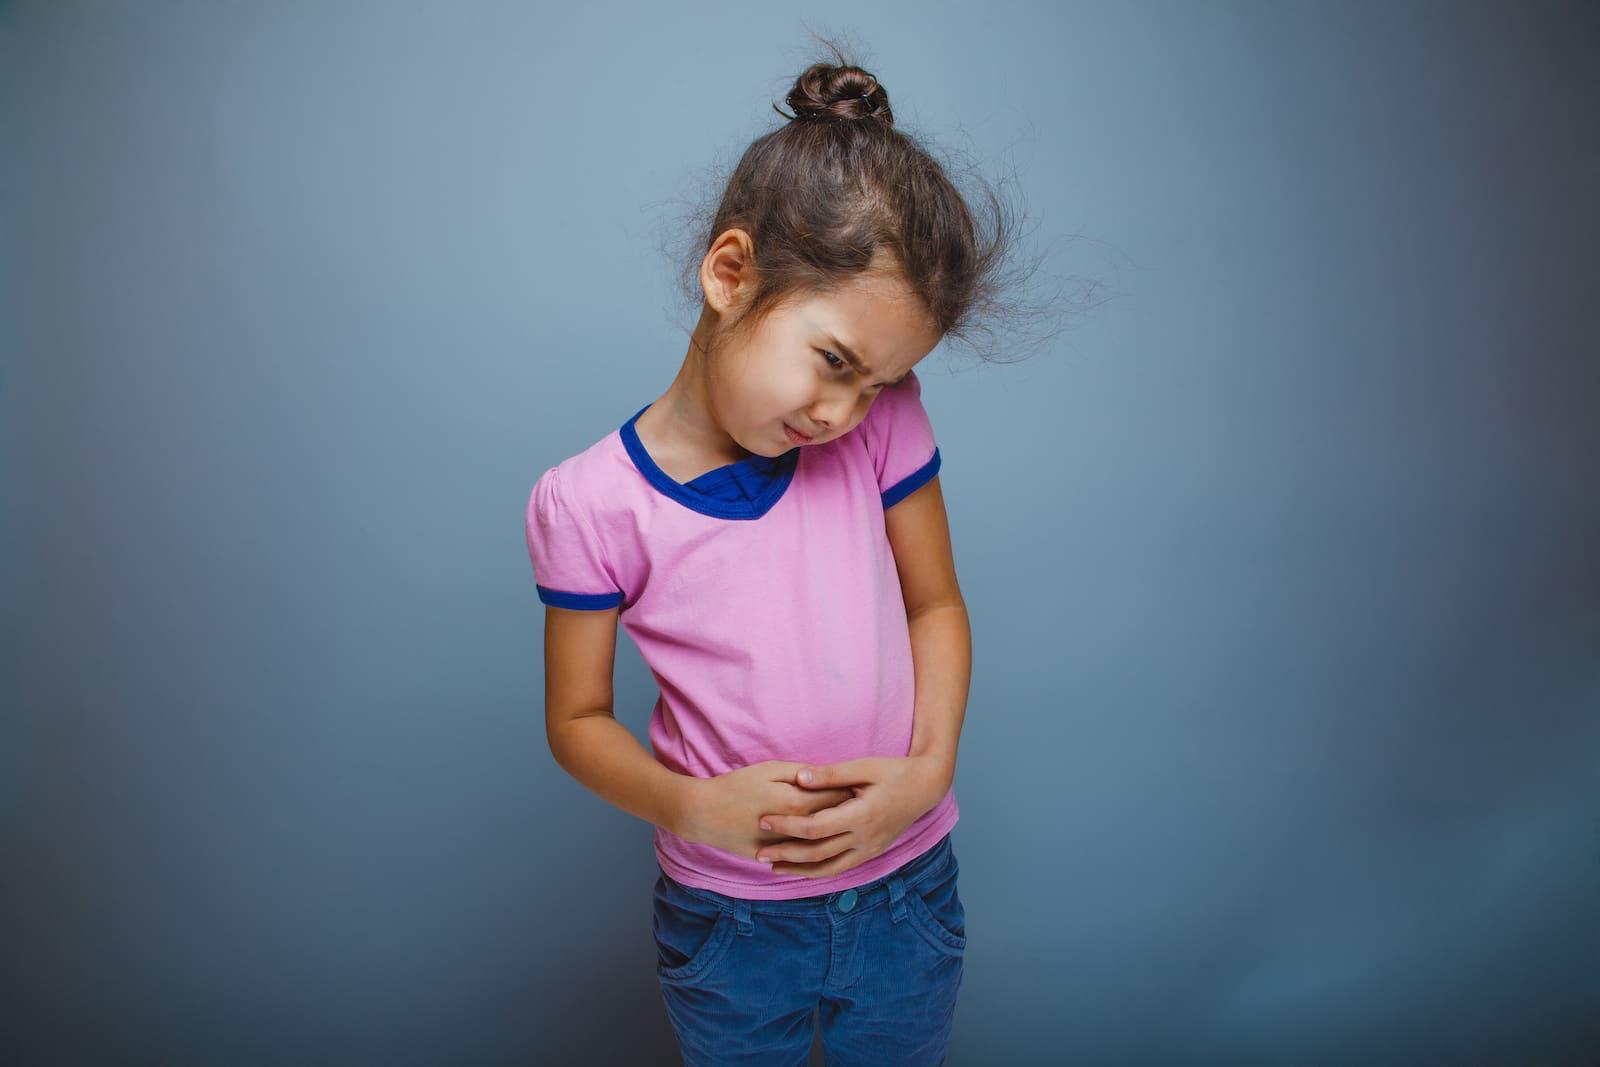 Симптомы воспаления лимфоузла в брюшной полости и его лечение. Что такое лимфаденопатия брюшной полости